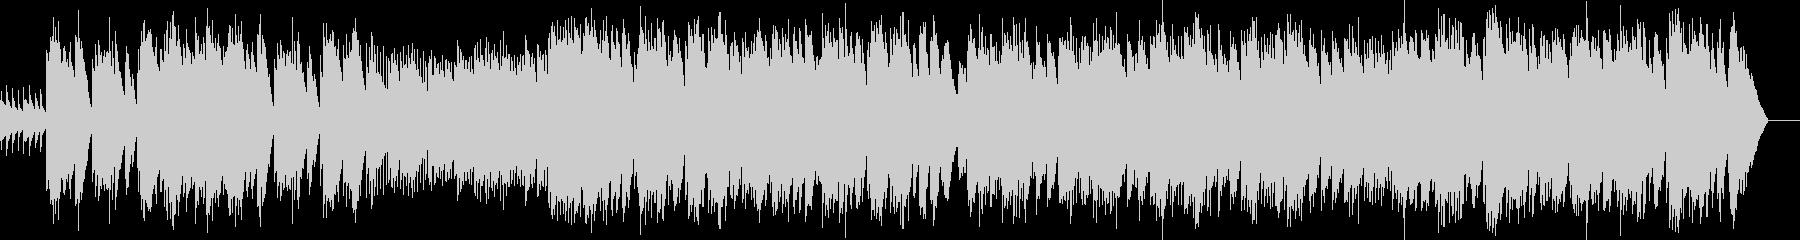 第7曲 葦笛の踊り(オルゴール)の未再生の波形